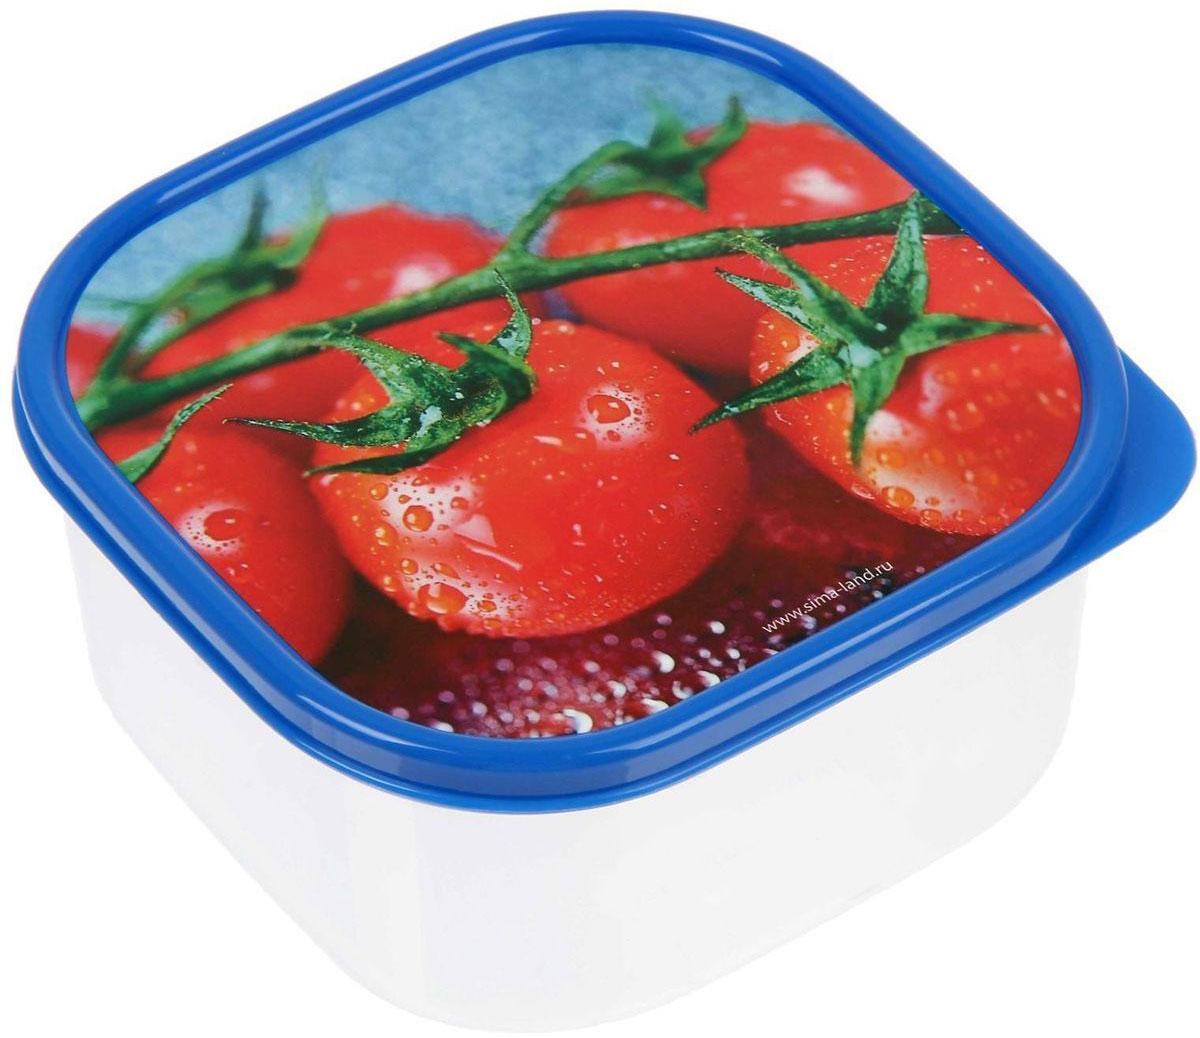 Ланч-бокс Доляна №3, квадратный, 700 мл1333976Ланч-бокс Доляна изготовлен из прочного пищевого пластика. В комплекте прилагается крышкаподходящего размера, которая плотно и надежно закрывается, и упрощает процесстранспортировки. Такой контейнер является незаменимым предметом кухонной утвари, ведьу него много преимуществ:Простота ухода. Ланч-бокс достаточно промыть теплой водой с небольшим количествомчистящего средства. Вместительность. Изделие позволяет разместить разнообразныепродукты от сахара до супов.Эргономичность. Ланч-боксы очень легко хранить даже в самой маленькой кухне, так как их можнопоставить один в другой по принципу матрешки.Многофункциональность. Он пригодится, если после вкусного обеда осталась еда, а насладитьсятрапезой хочется и на следующий день. Можно использовать не только на кухне, но и дляхранения различных бытовых предметов, а также брать с собой еду на работу или учебу.Не использовать пластиковые контейнеры в духовых шкафах и на открытом огне, а также неразогревать в микроволновых печах при закрытой крышке ланч-бокса.